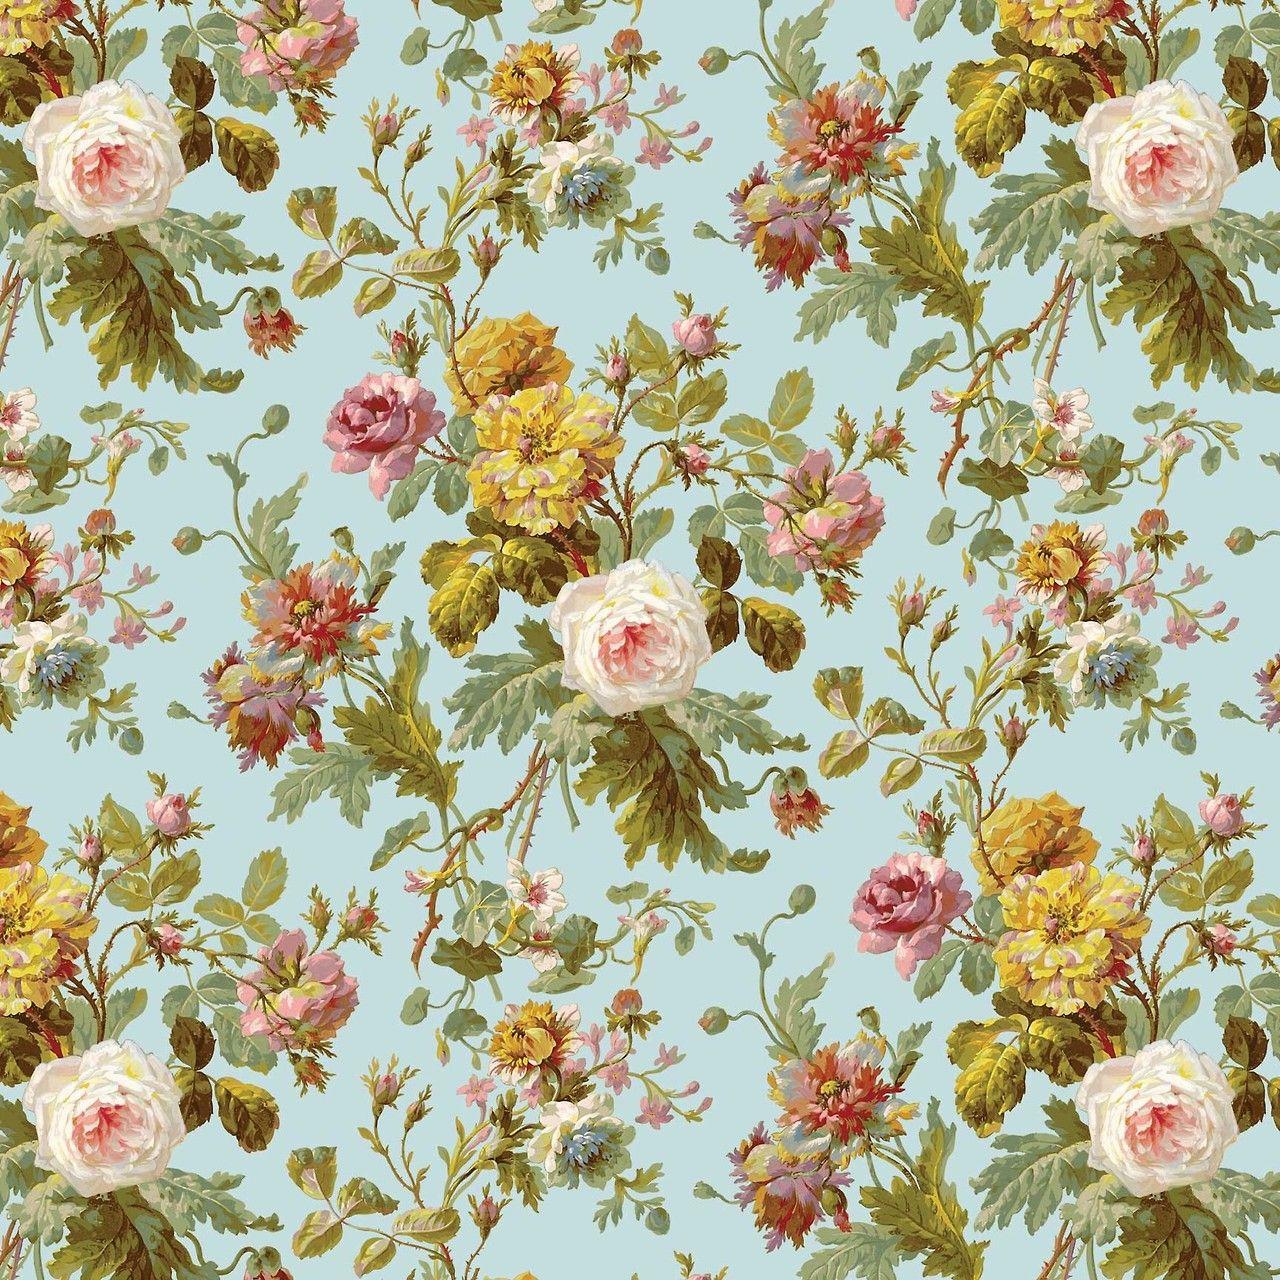 Vintage Floral Wallpaper Pattern Vintage Floral Wallpapers Vintage Flowers Wallpaper Floral Pattern Wallpaper